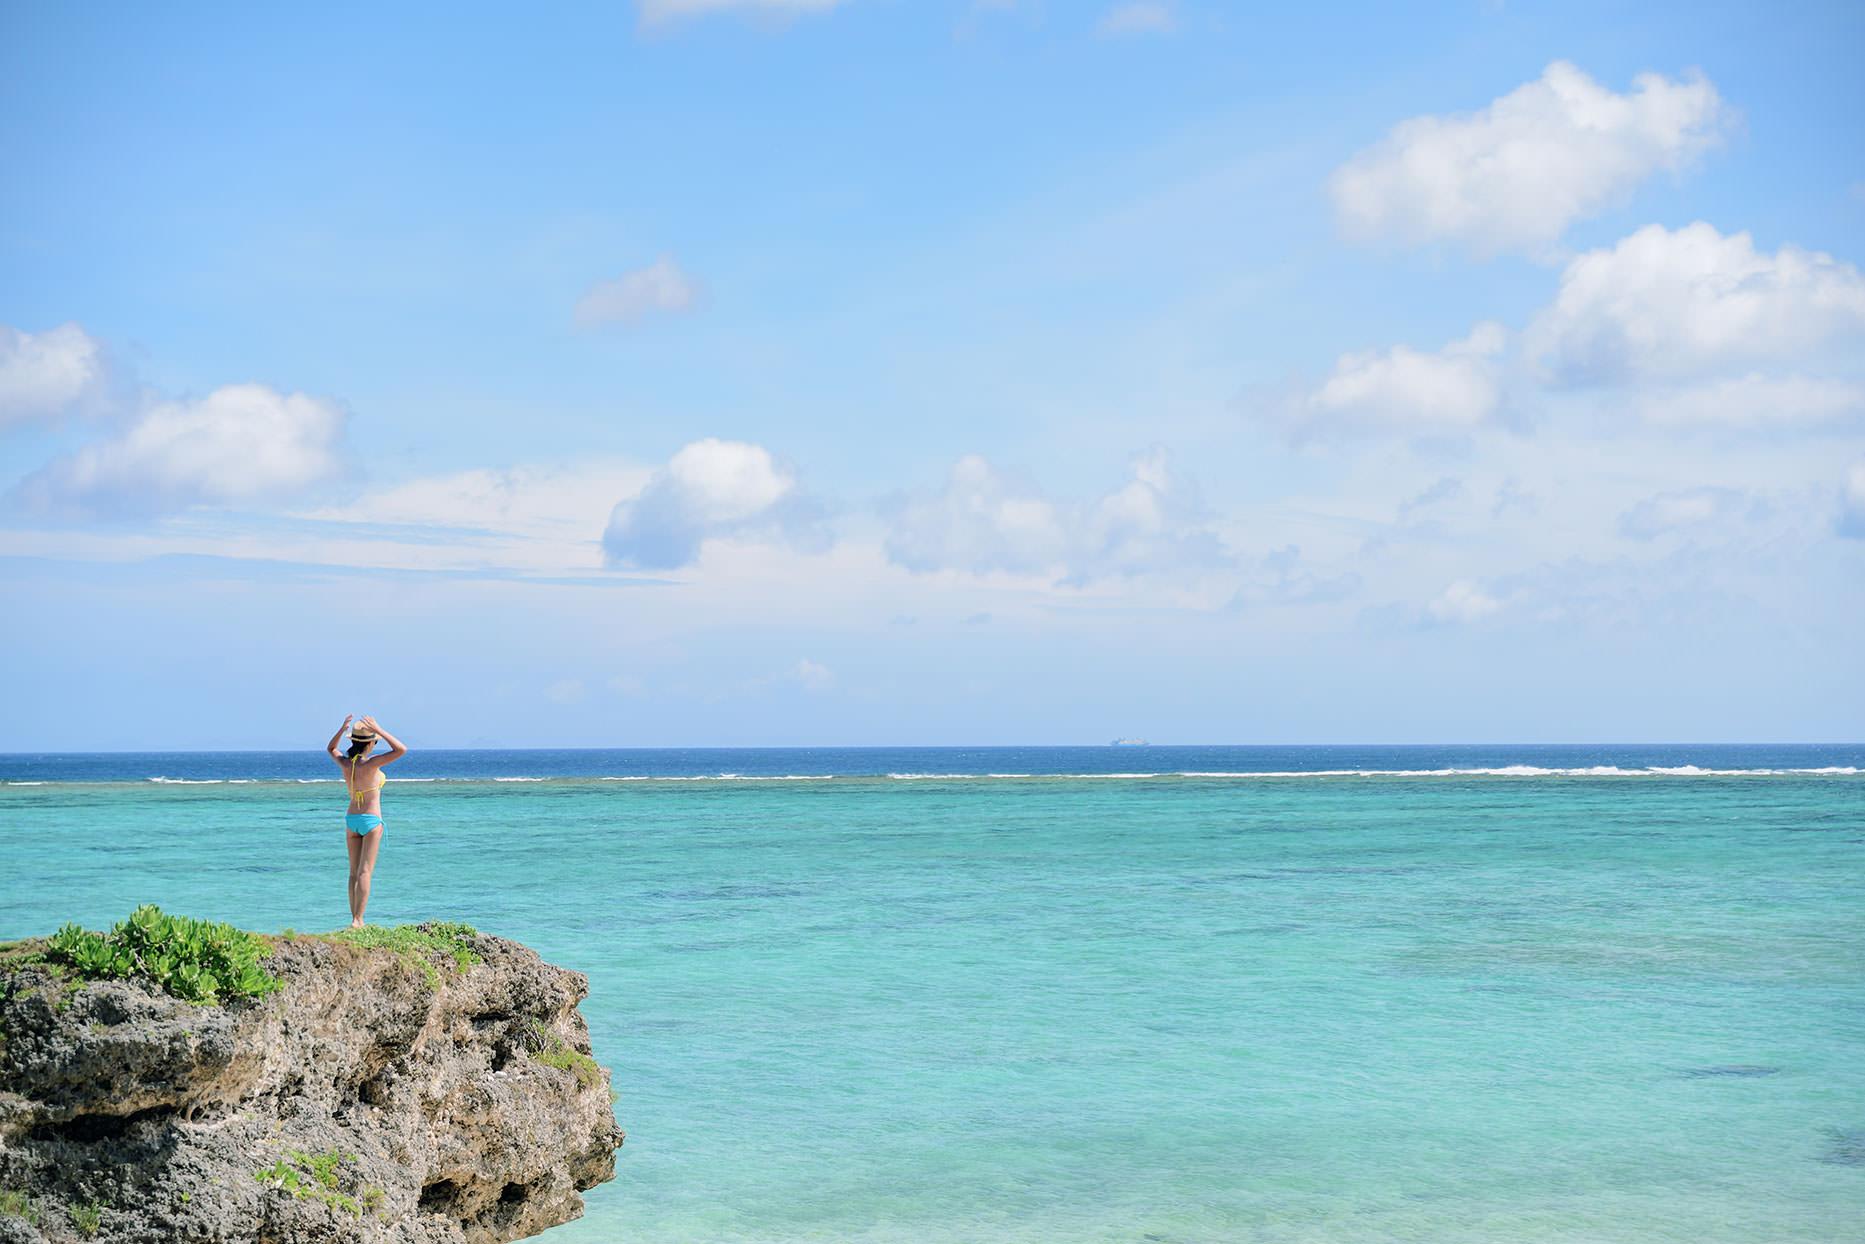 http://沖繩